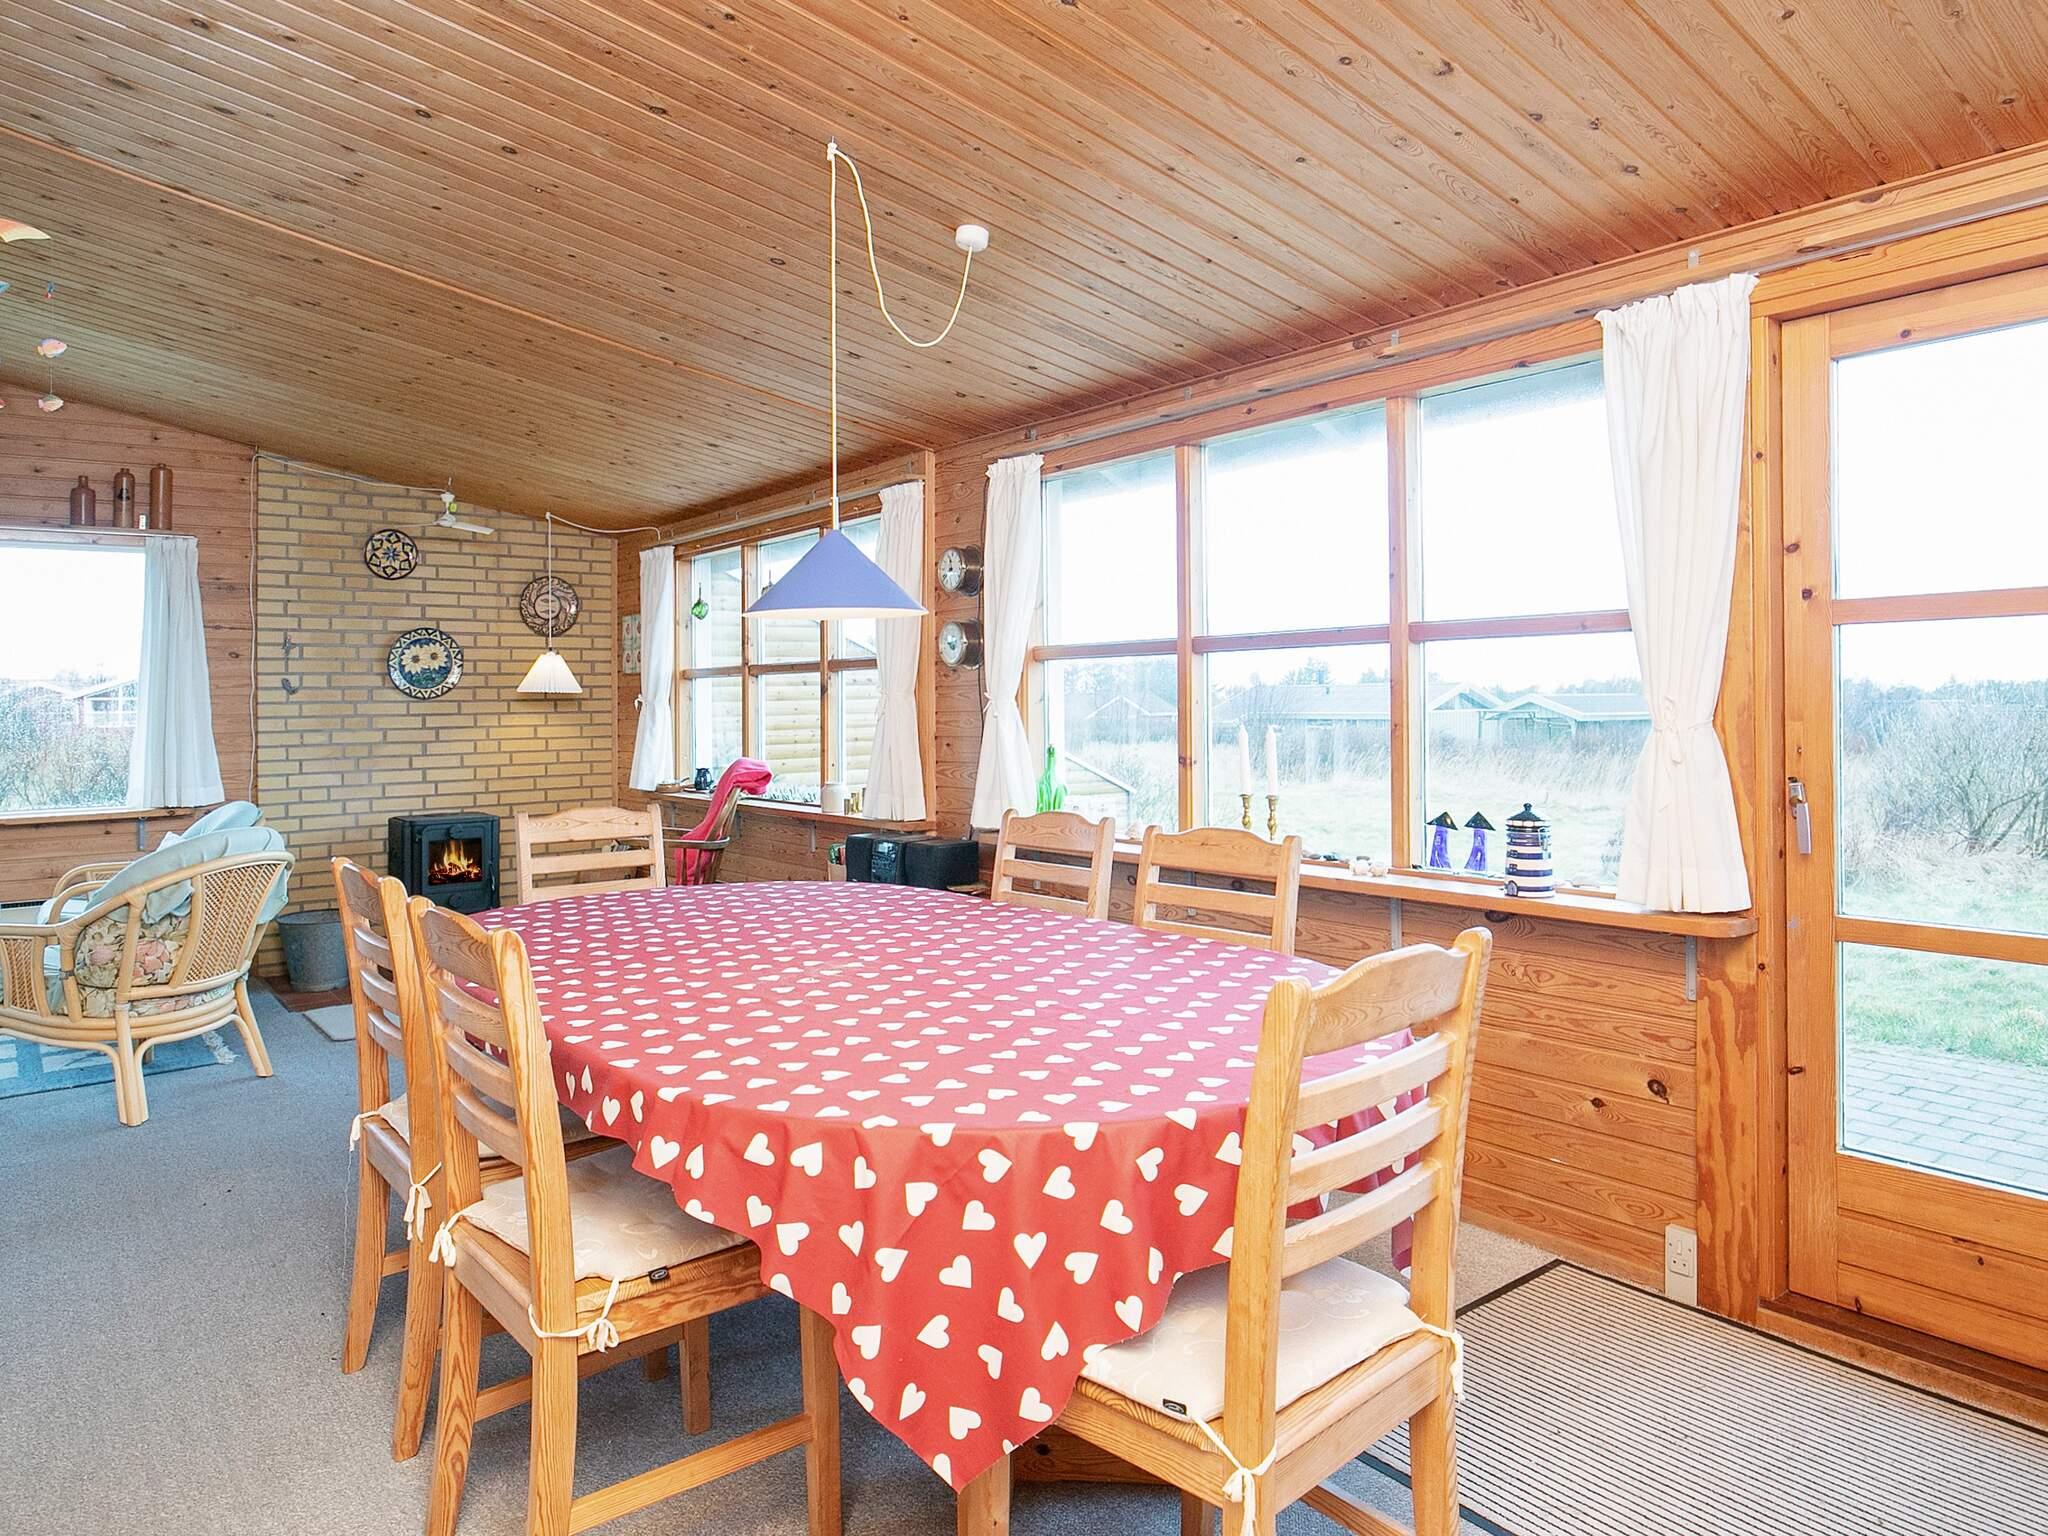 Ferienhaus Kjul Strand (2595175), Hirtshals, , Nordwestjütland, Dänemark, Bild 12